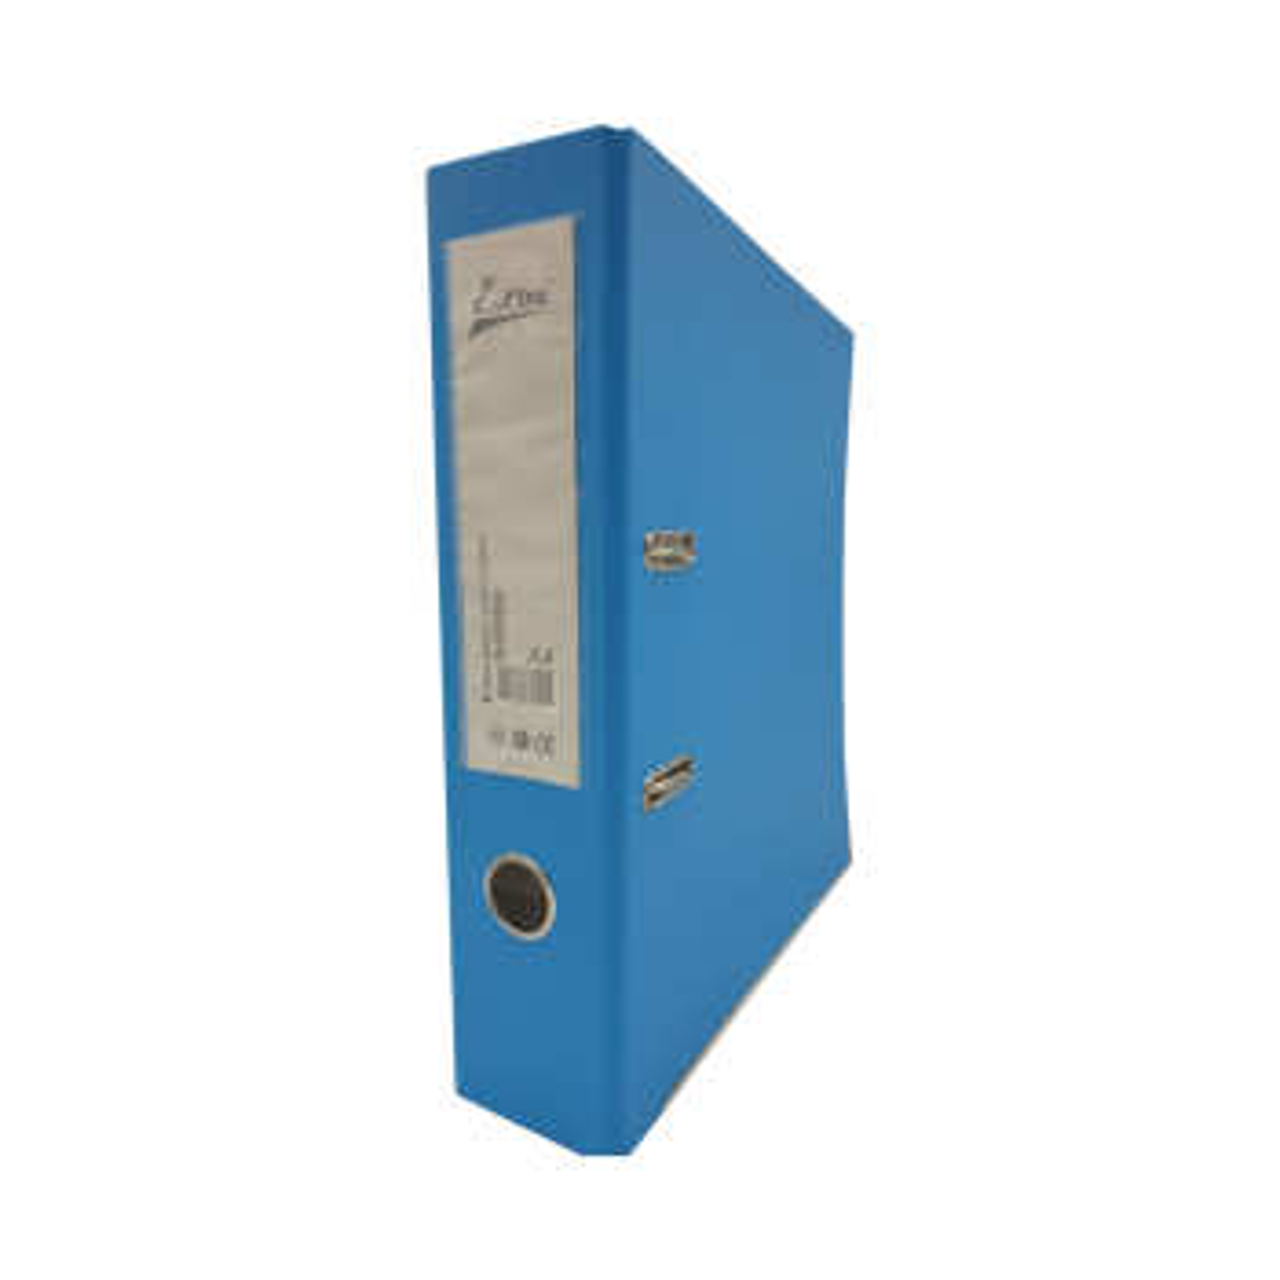 زونکن اکسترا مدل zn4524 بسته 4 عددی